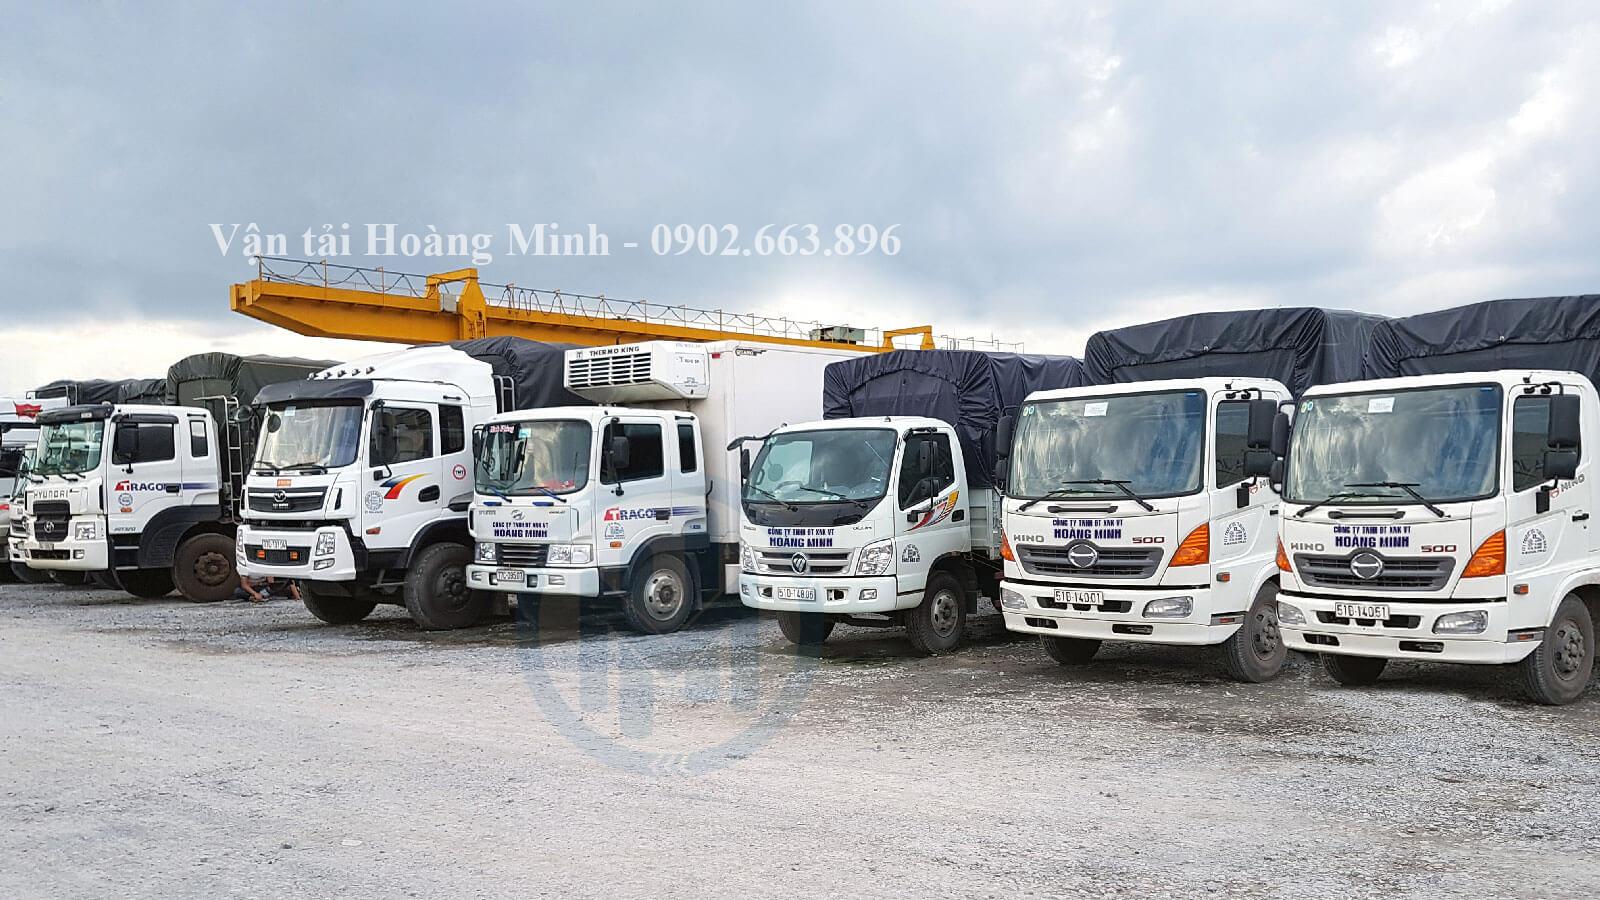 dịch vụ vận chuyển uy tín chuyên nghiệp